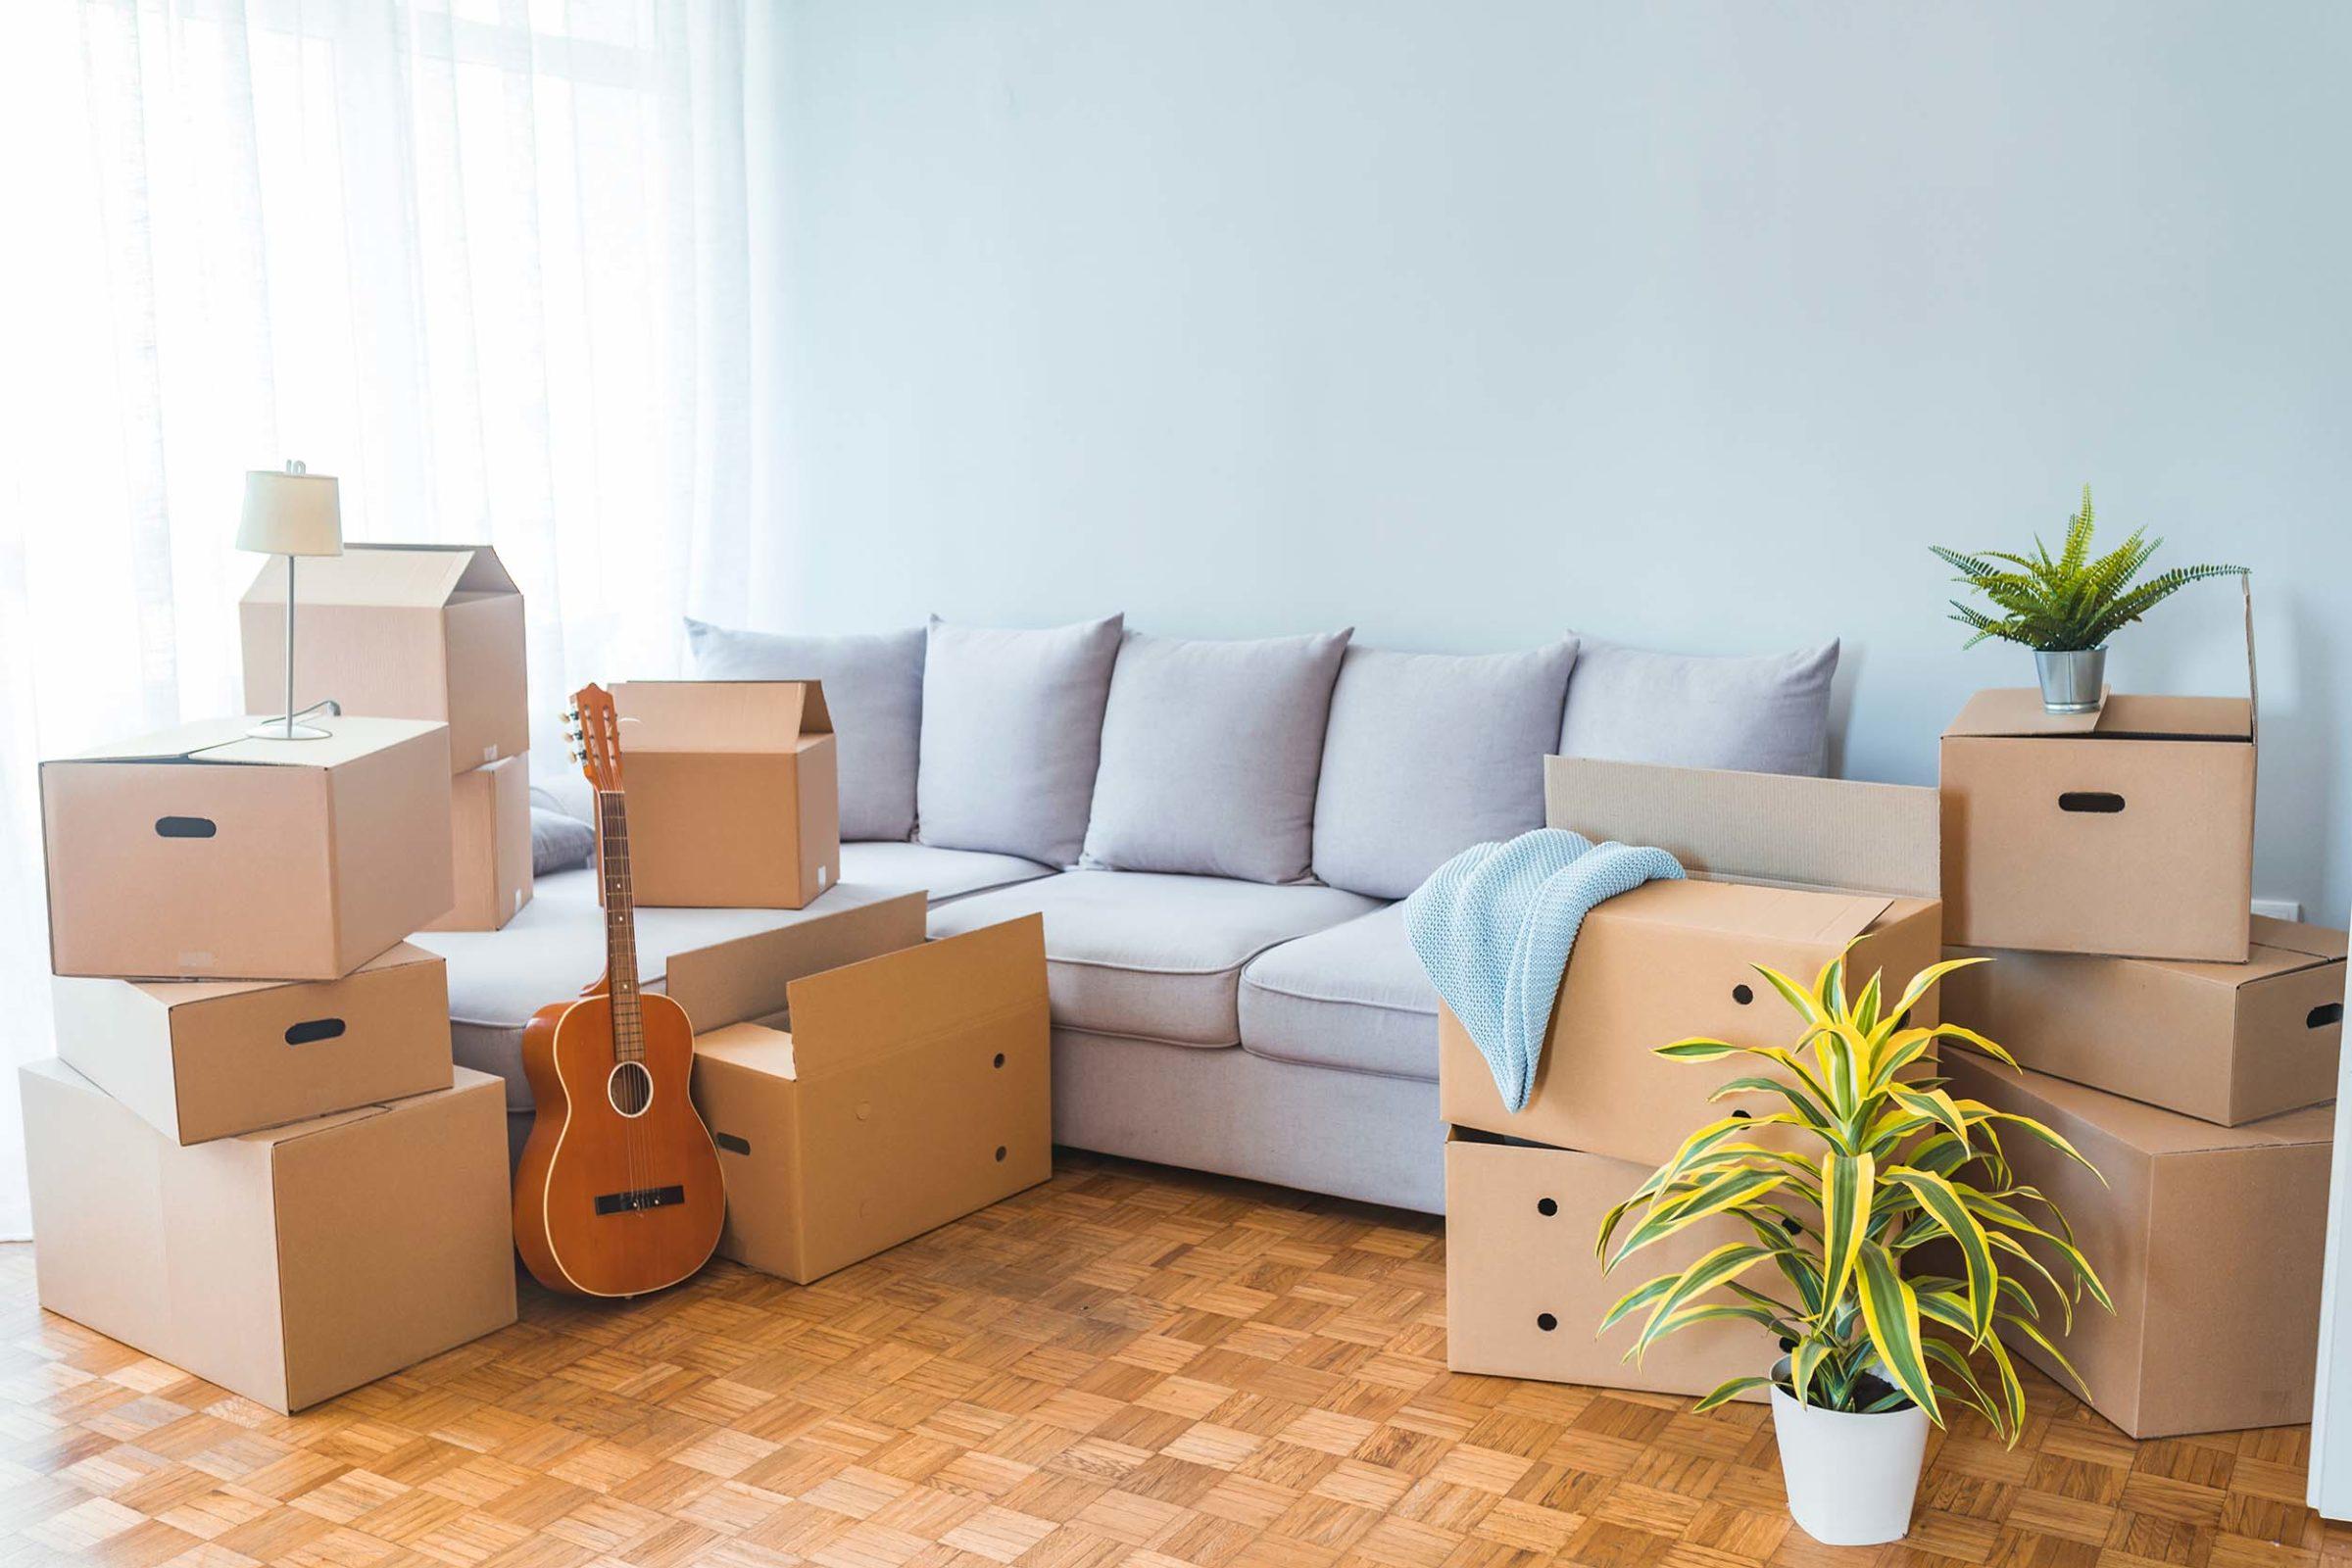 Partner zieht in Wohnung ein Wichtiges für Vermieter   objego